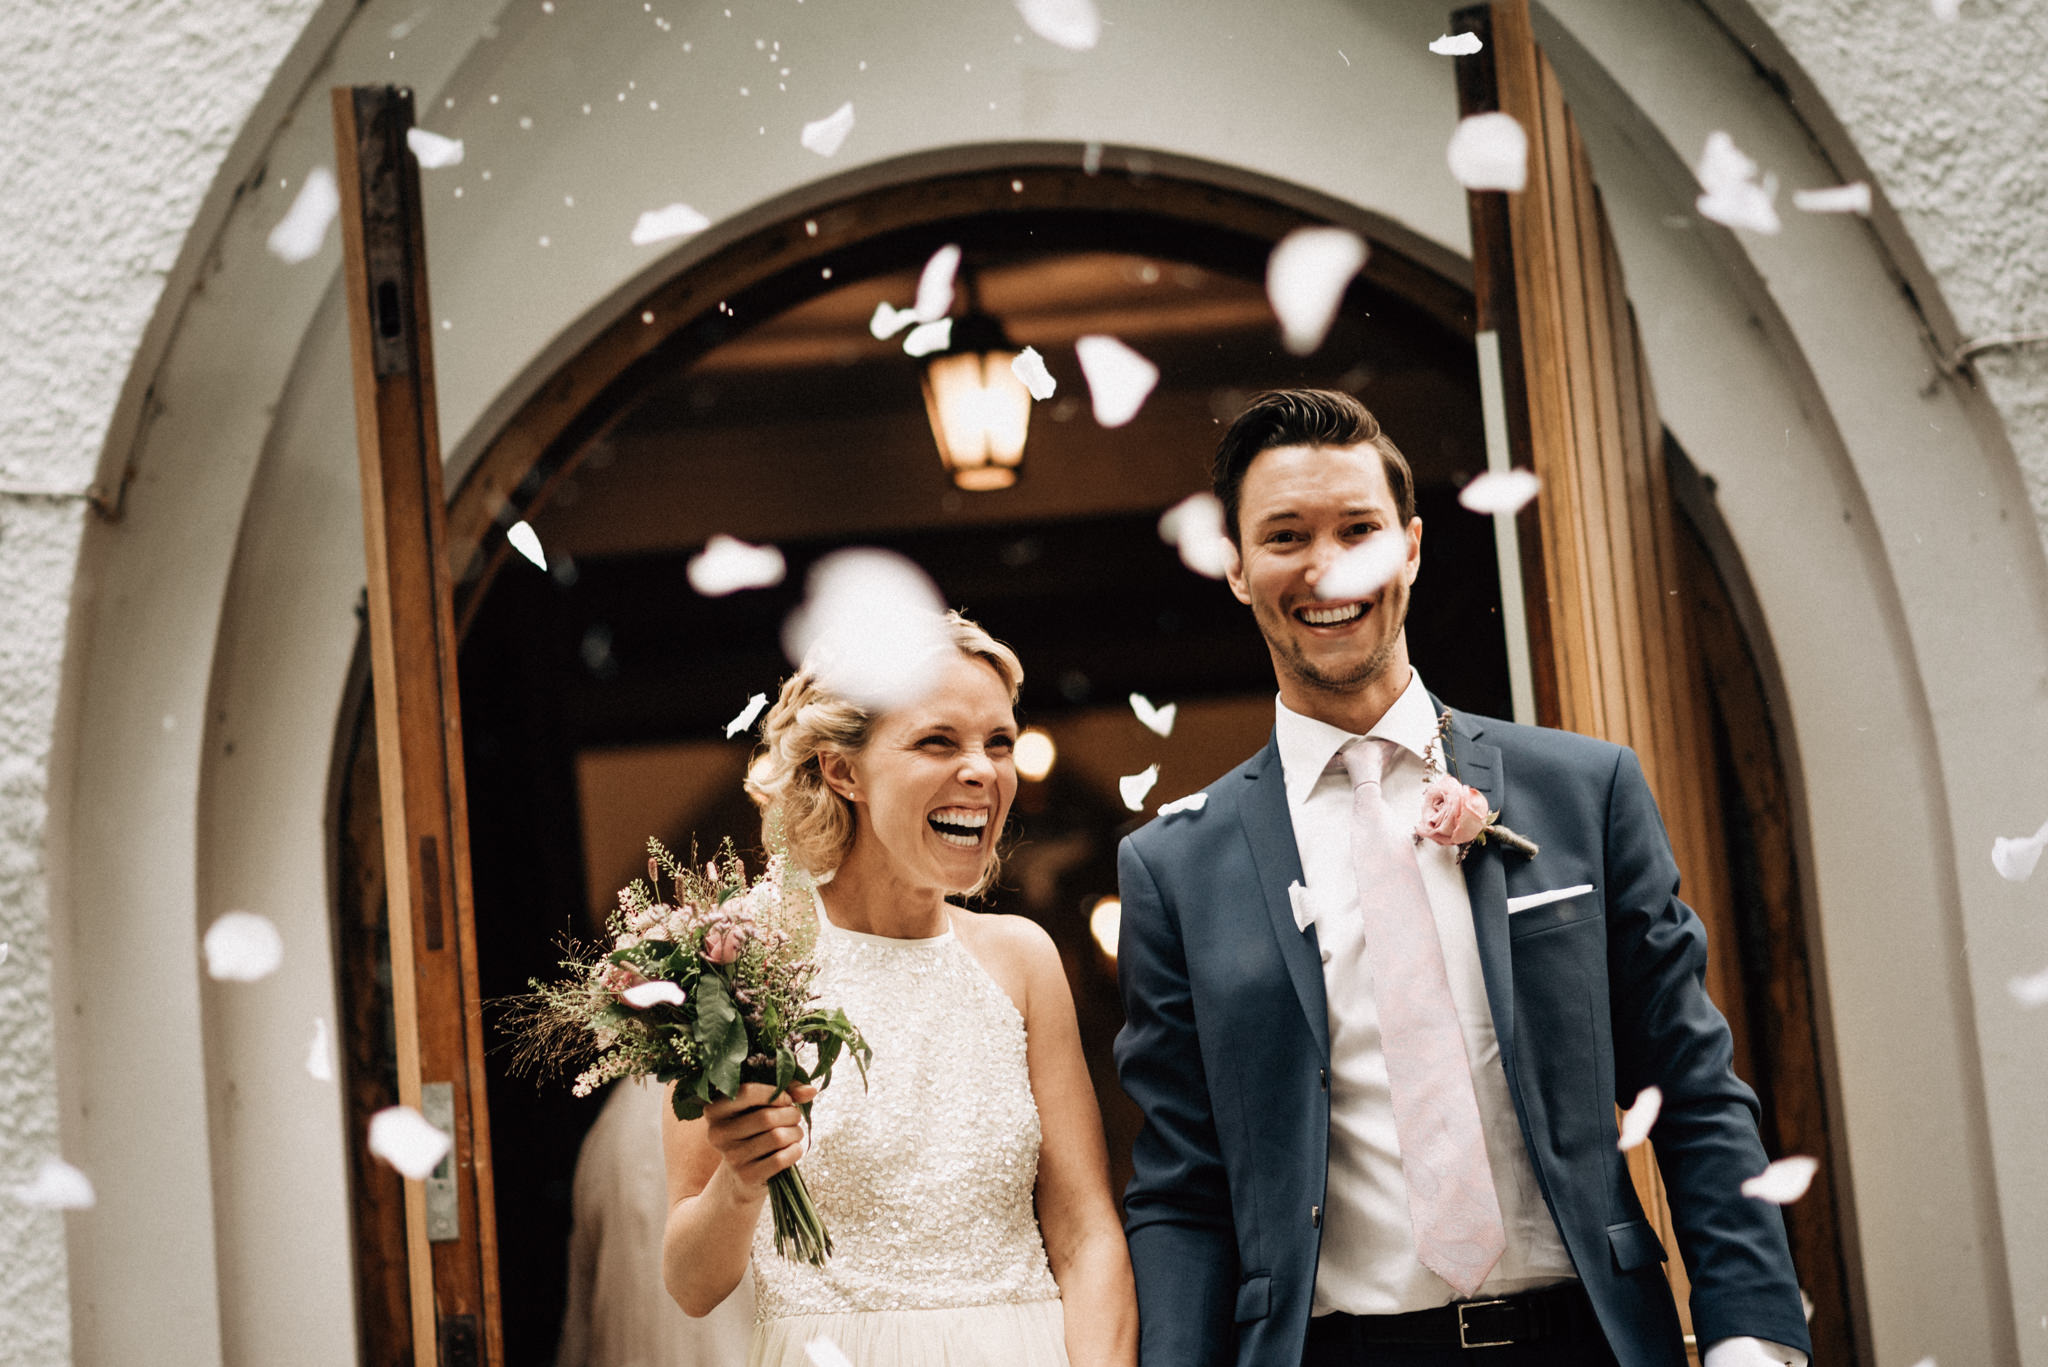 konfetti-bröllop-inspiration-planera-för-bättre-bröllopsbilder-bröllopsfotograf-skåne.jpg